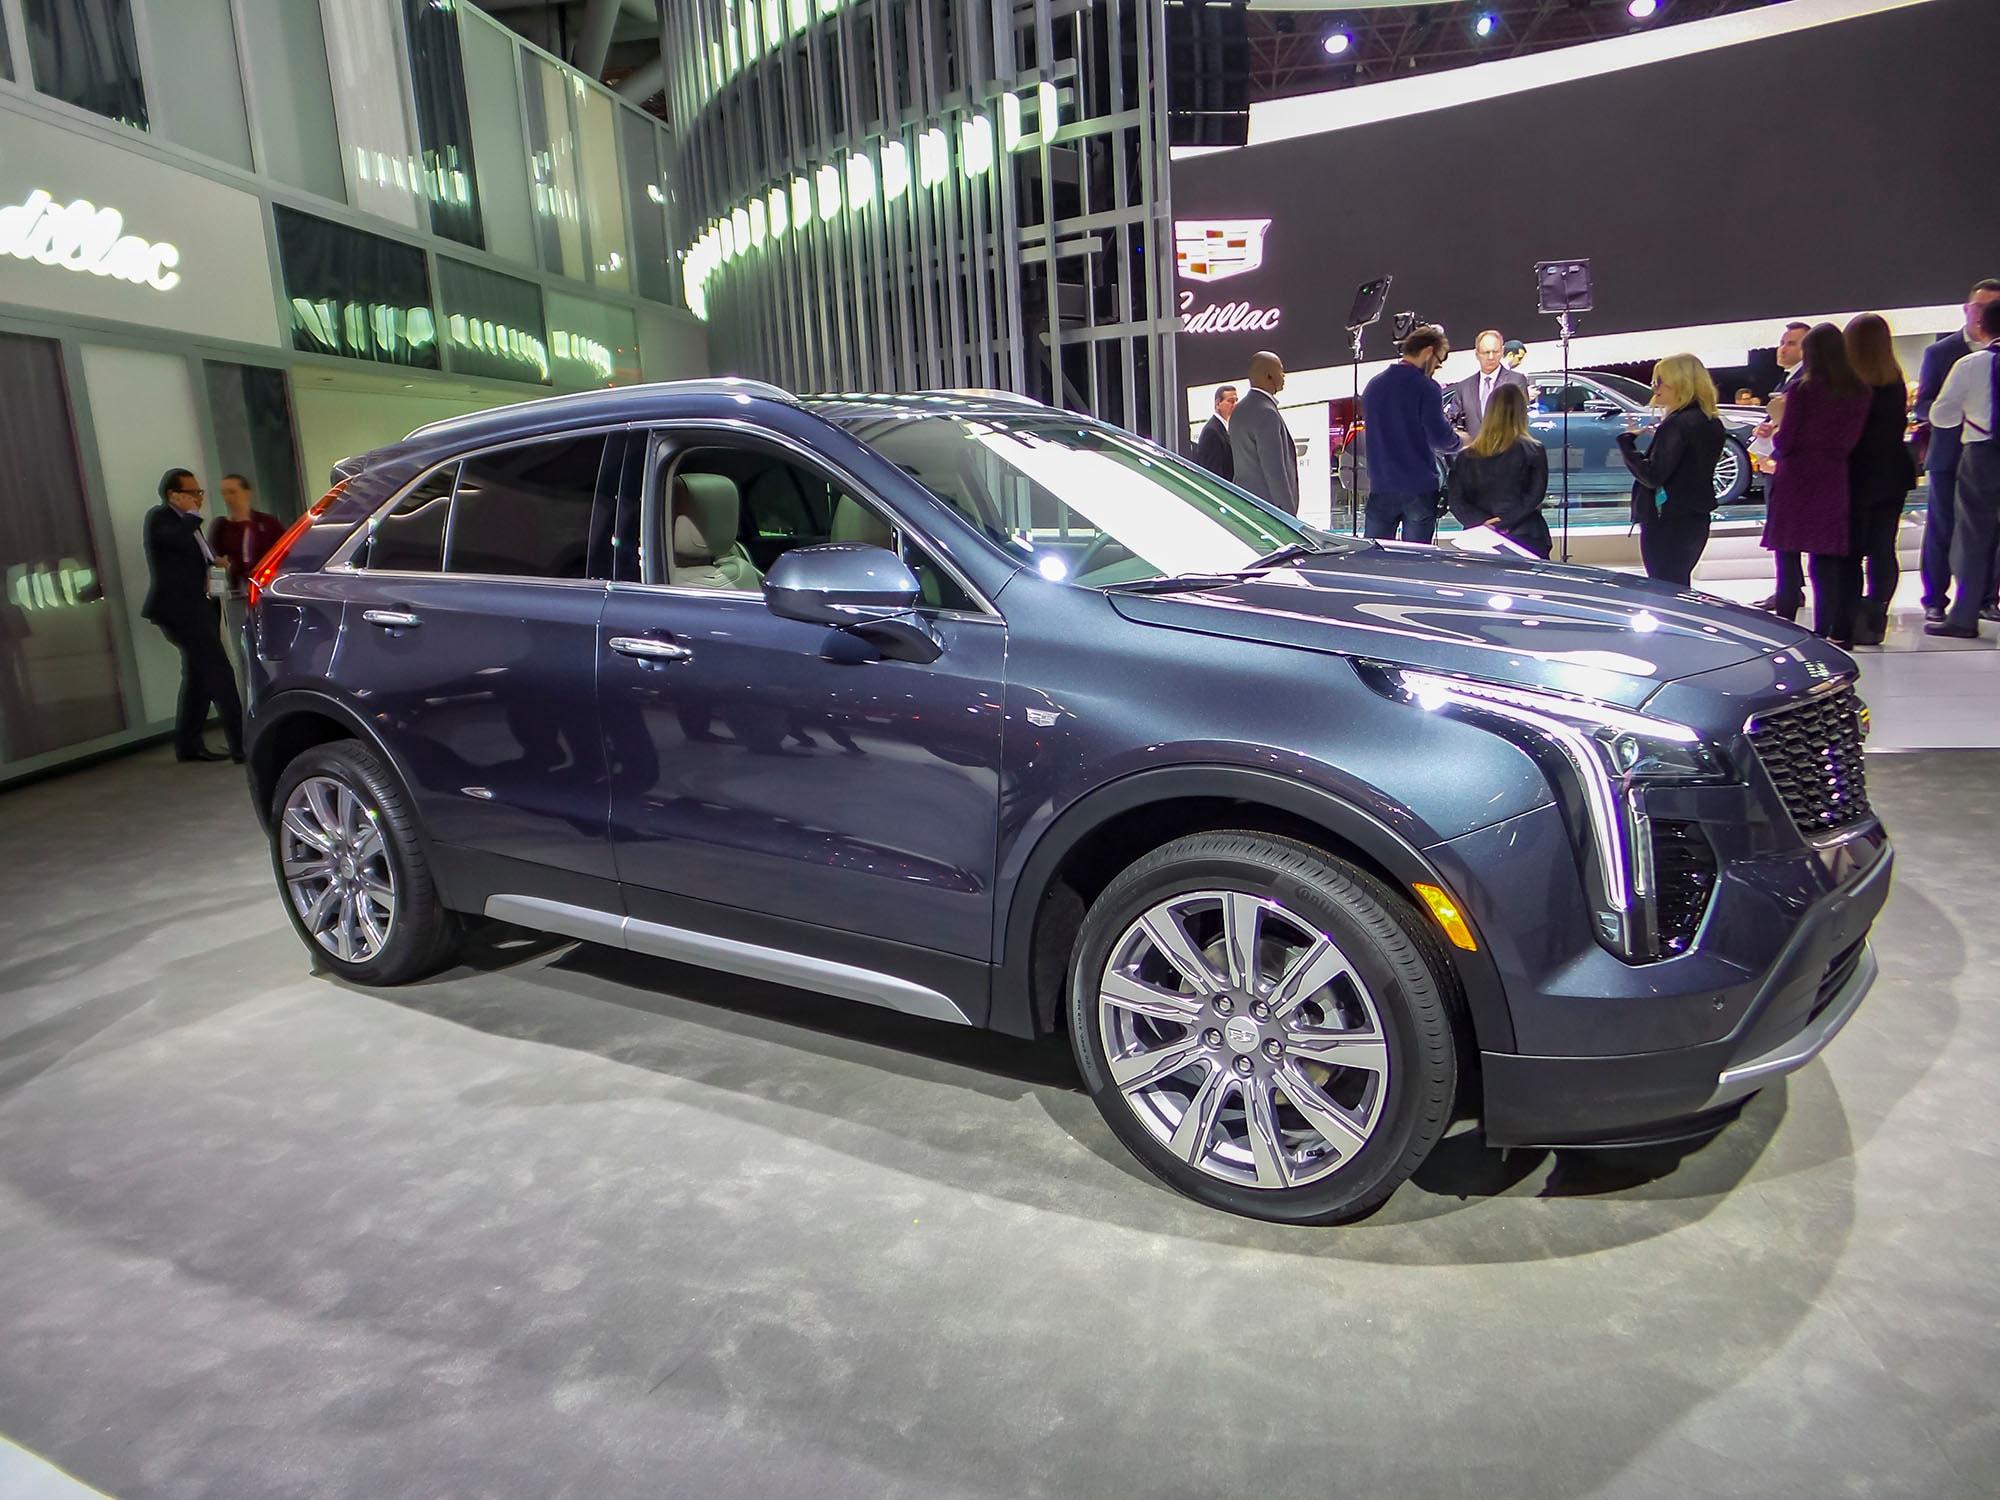 2019 Cadillac Xt4 The Compact Cadillac Suv Latest Car